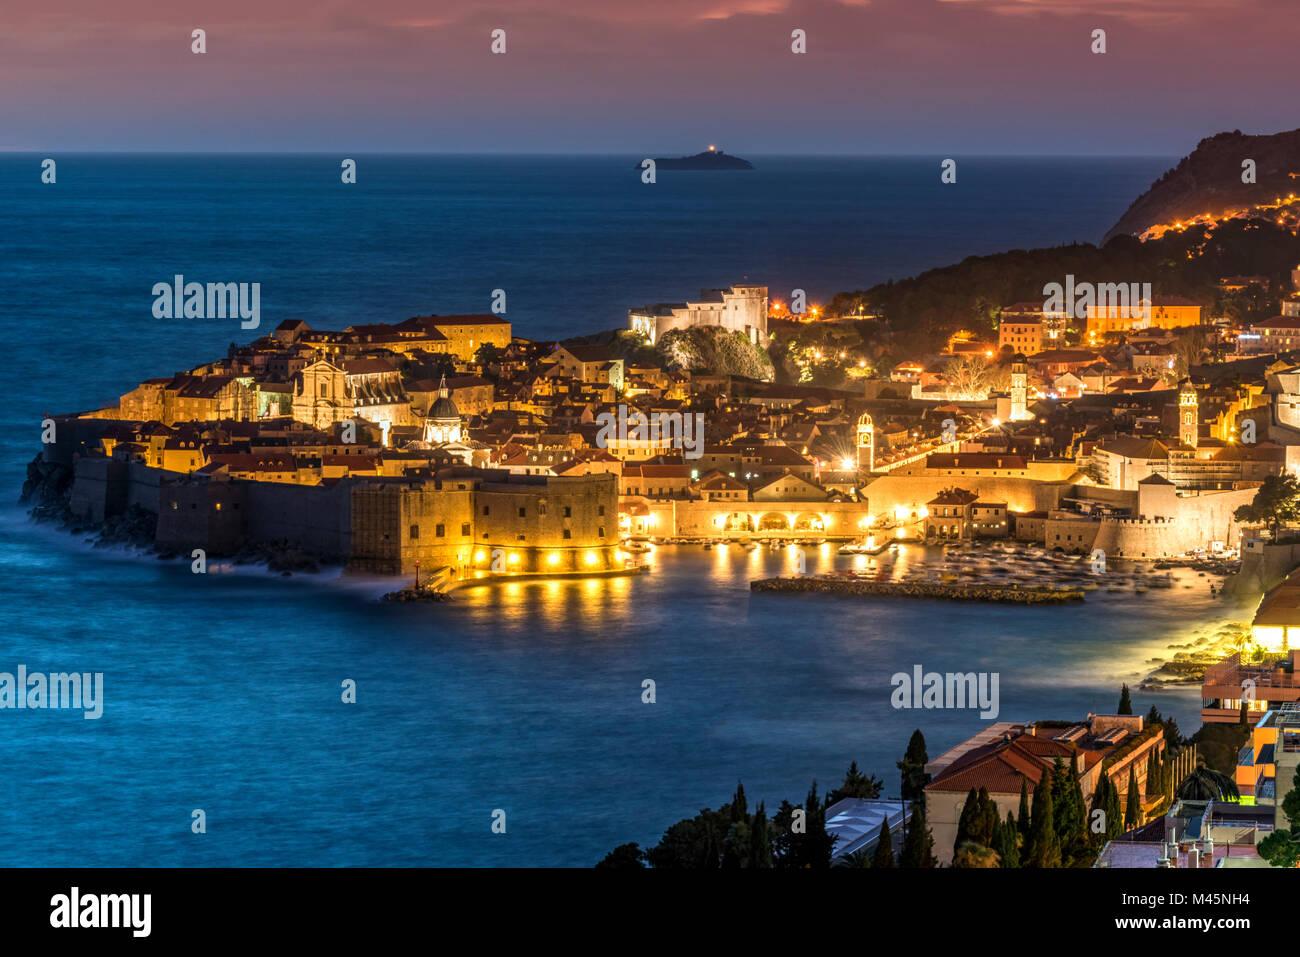 Die Skyline in der Dämmerung, Dubrovnik, Kroatien Stockbild